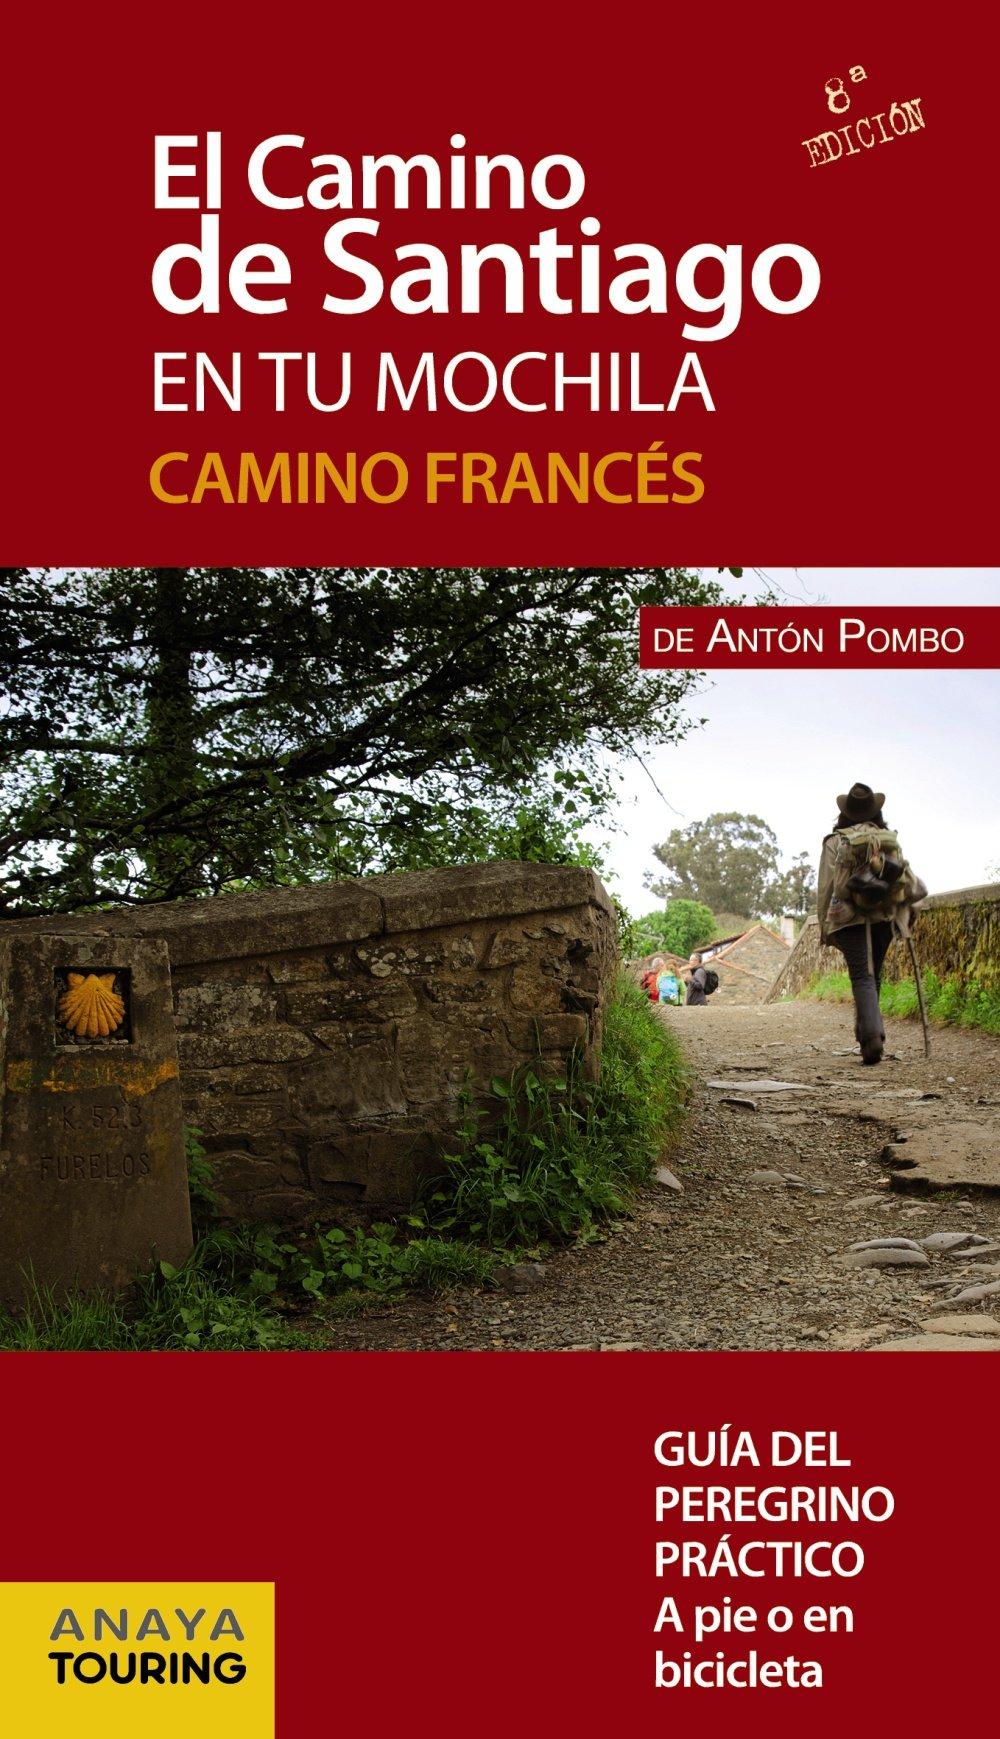 El Camino de Santiago en tu mochila. Camino Francés: Amazon.es: Anaya Touring, Pombo Rodríguez, Antón: Libros